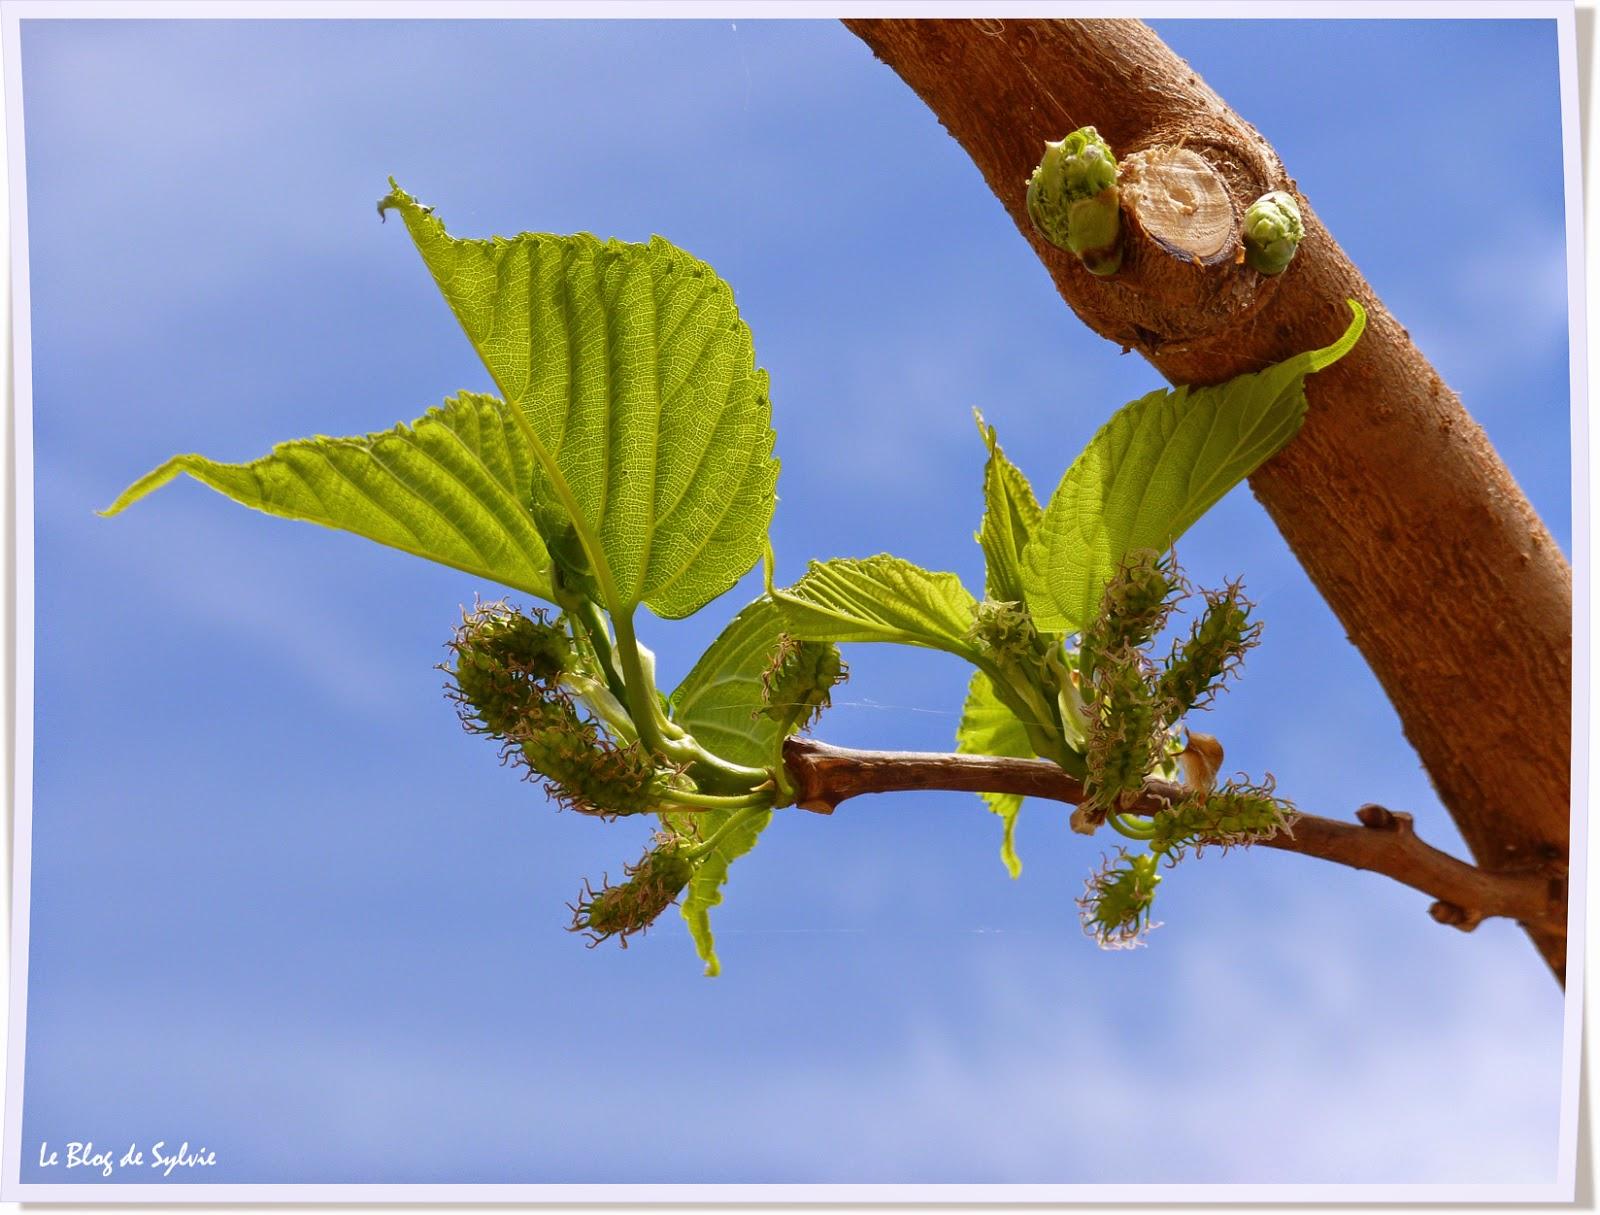 Le blog de sylvie bourgeons feuilles et fruits - Fruit du murier platane ...